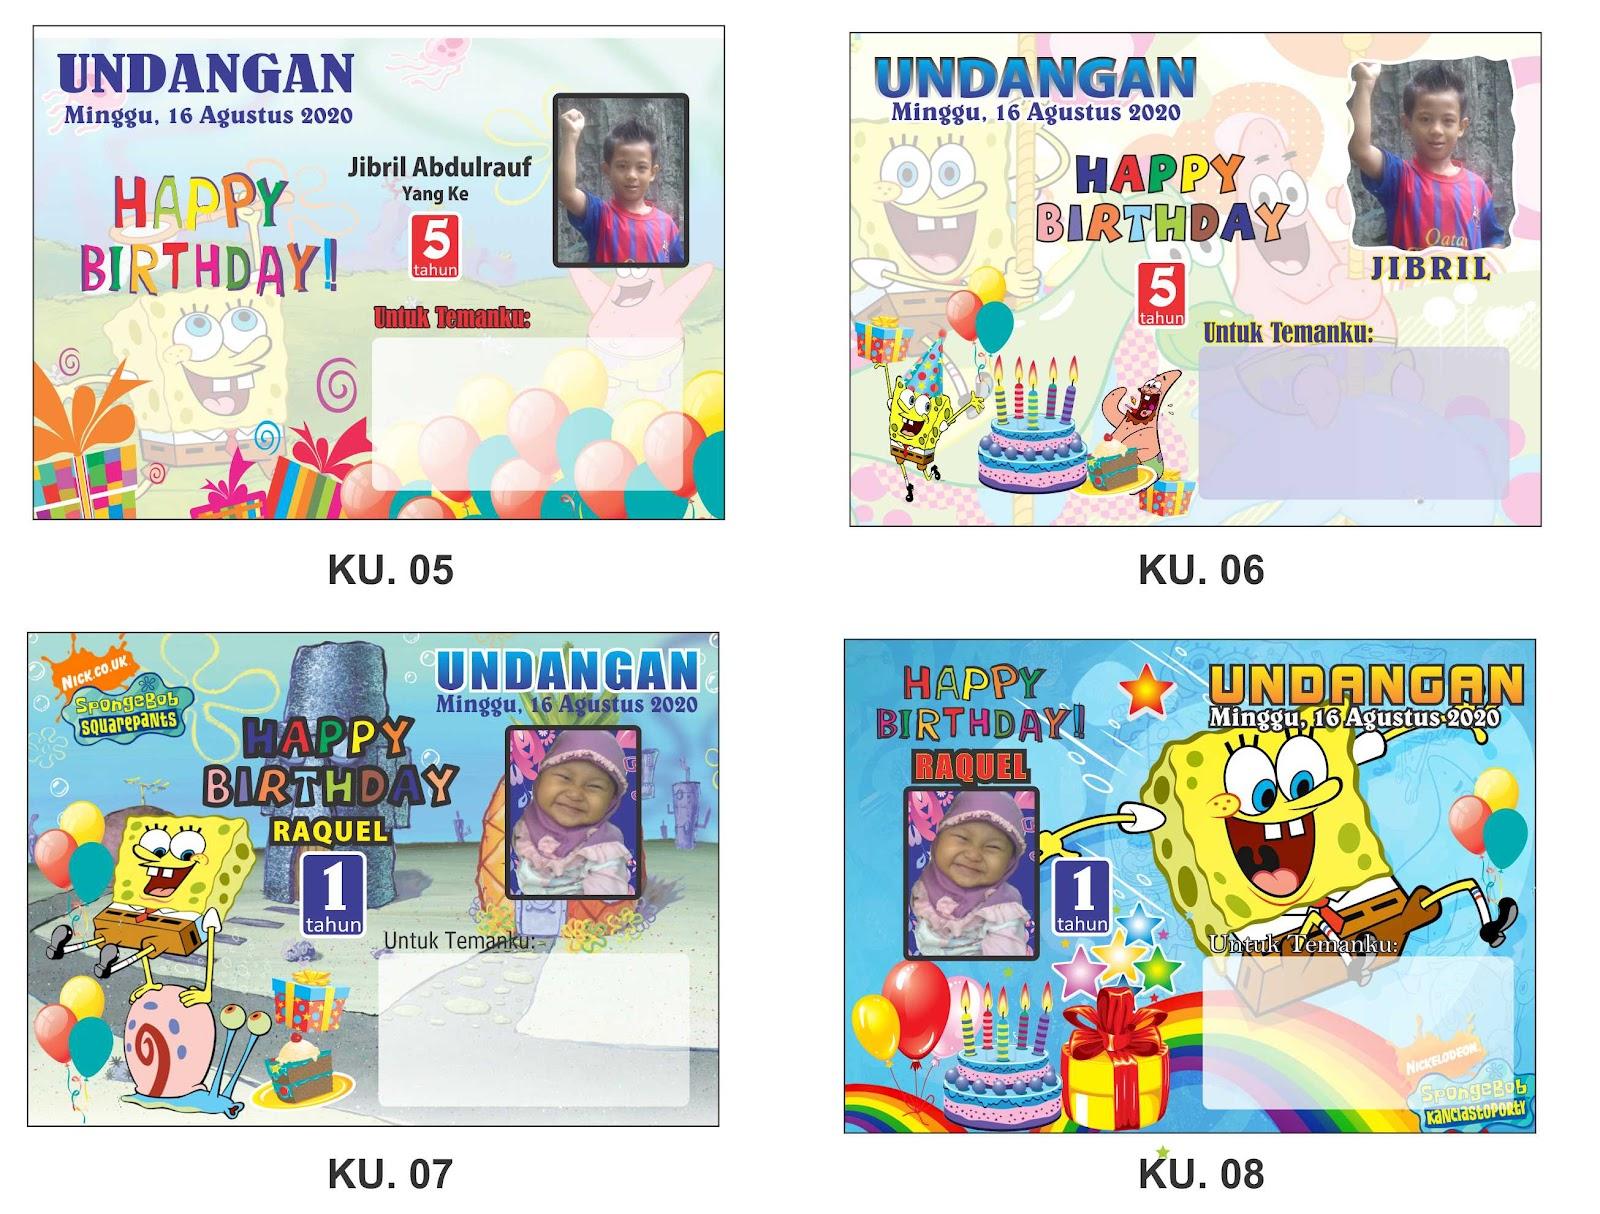 Kartu Undangan Ulang Tahun Anak Seri Spongebob